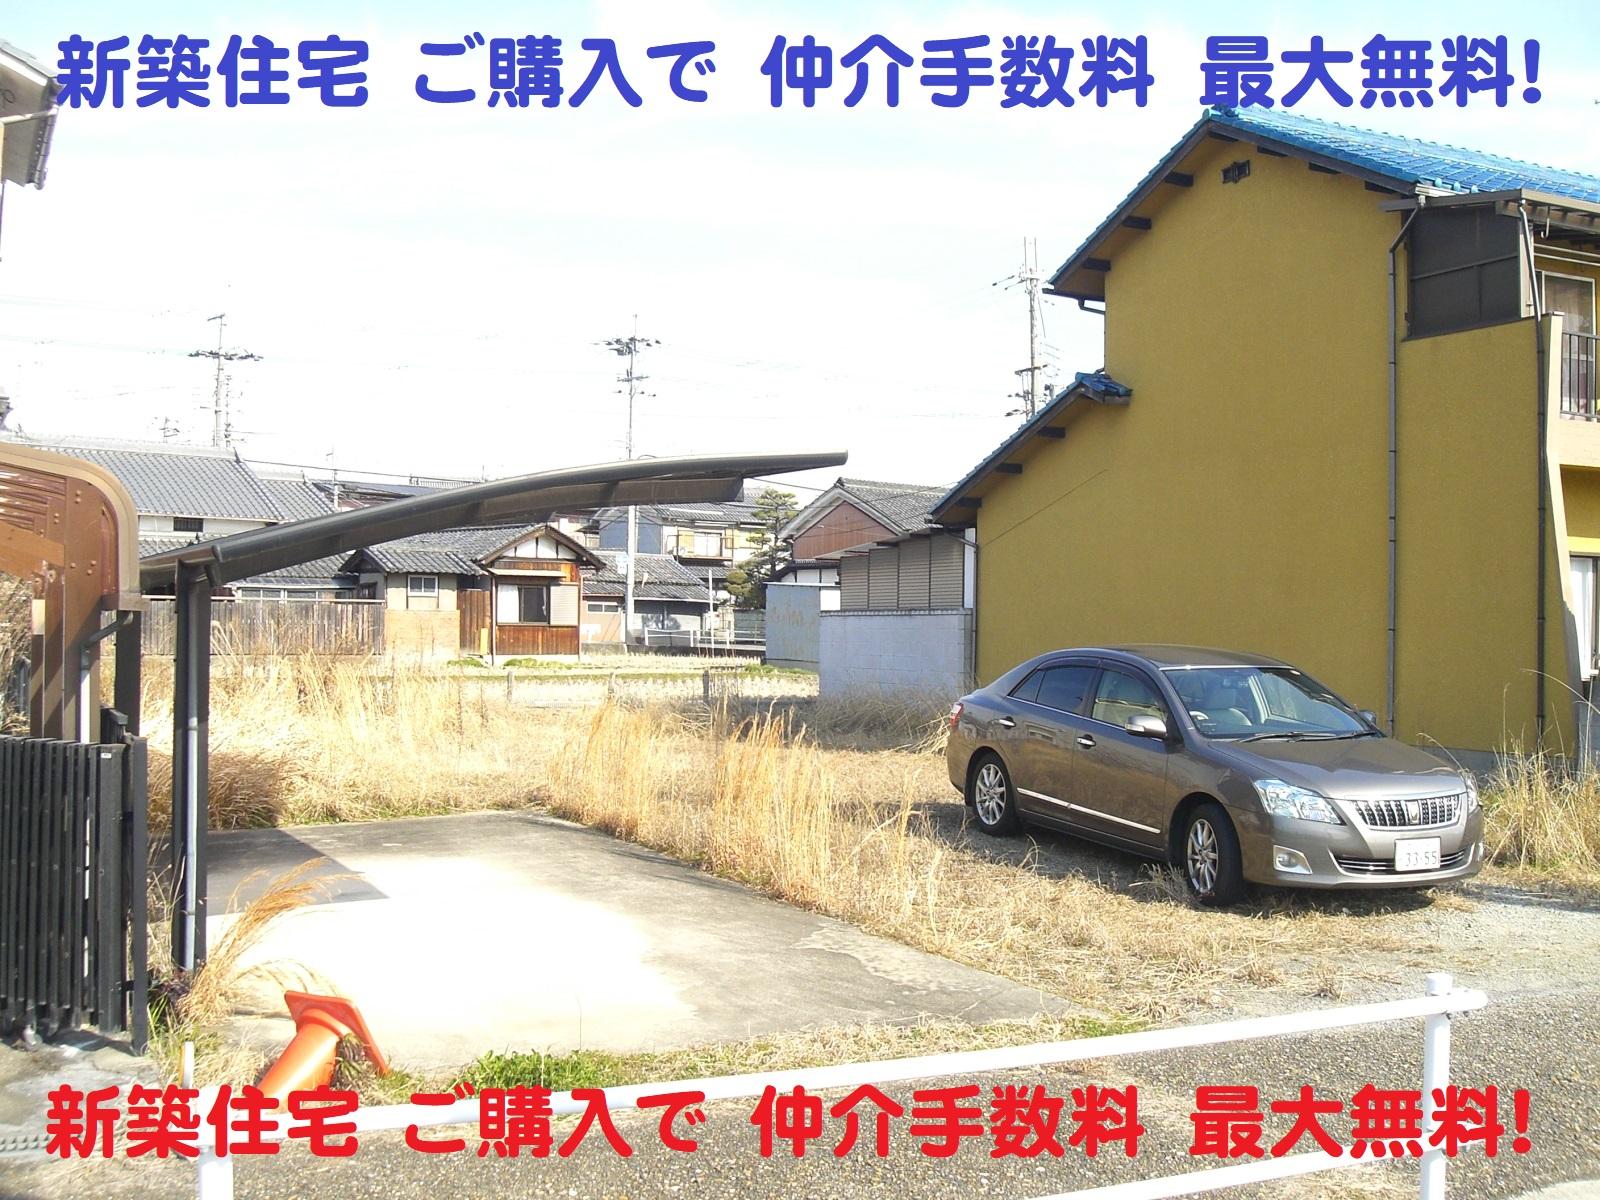 奈良県 三郷町 建物 ファースト住建  新築住宅 ビート住建 仲介手数料無料です!